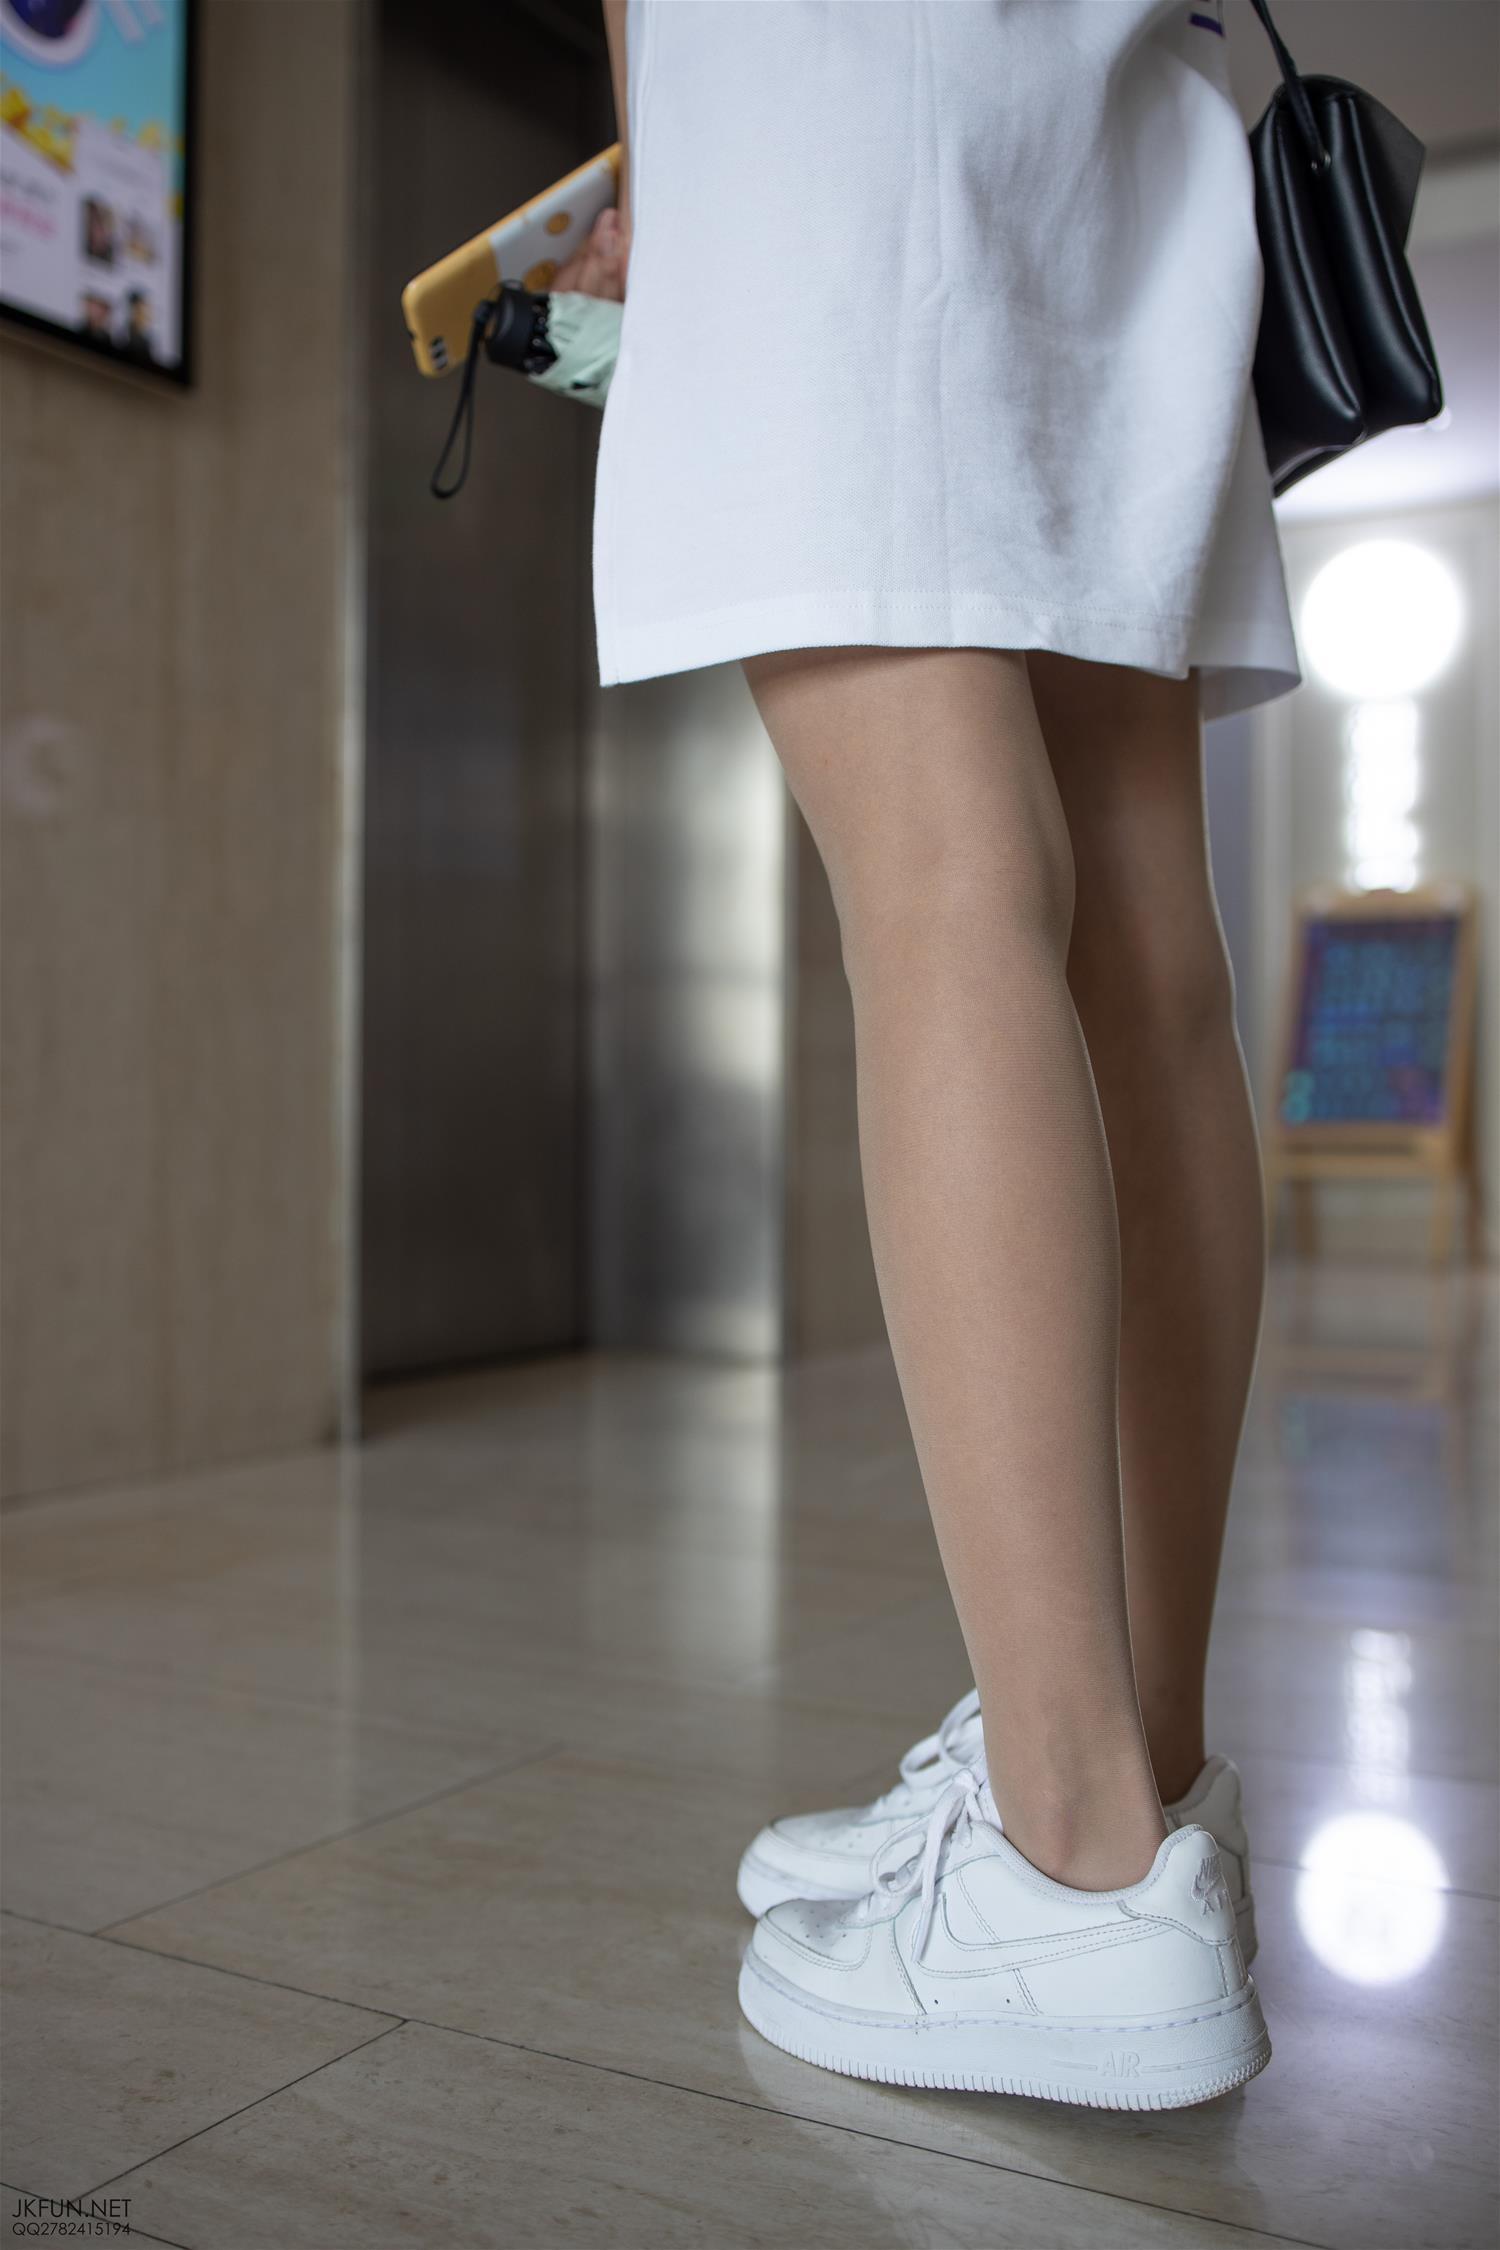 森萝财团 JKFUN-012 10D肉丝运动鞋桌下 [102P1V-3.27GB] 森萝财团-第3张